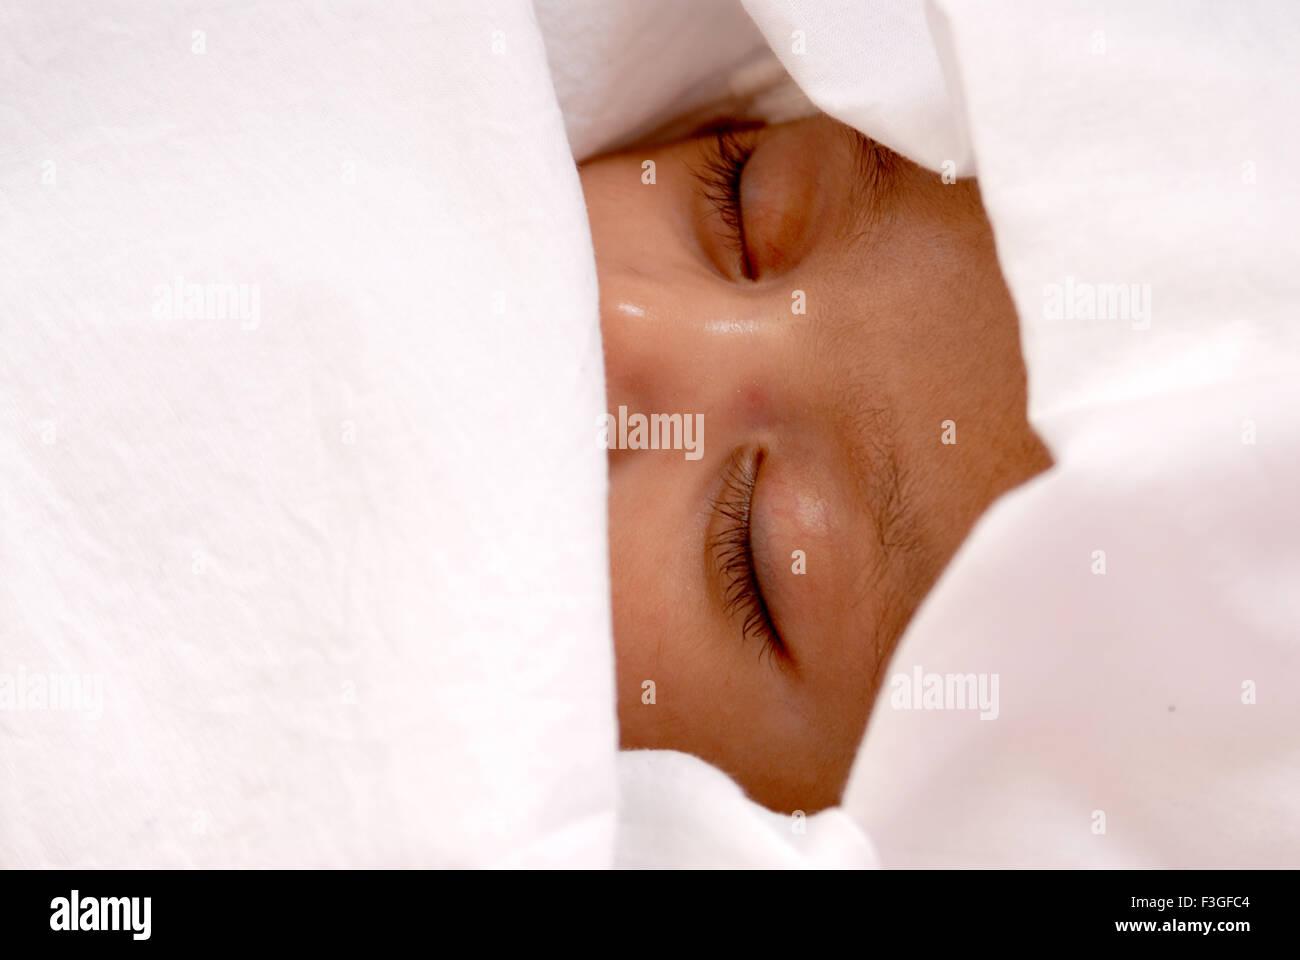 Indische Baby Mädchen Kind schlafen friedlich mit einem weißen Tuch - Herr Nr. 512-Rmm 123467 abgedeckt Stockbild